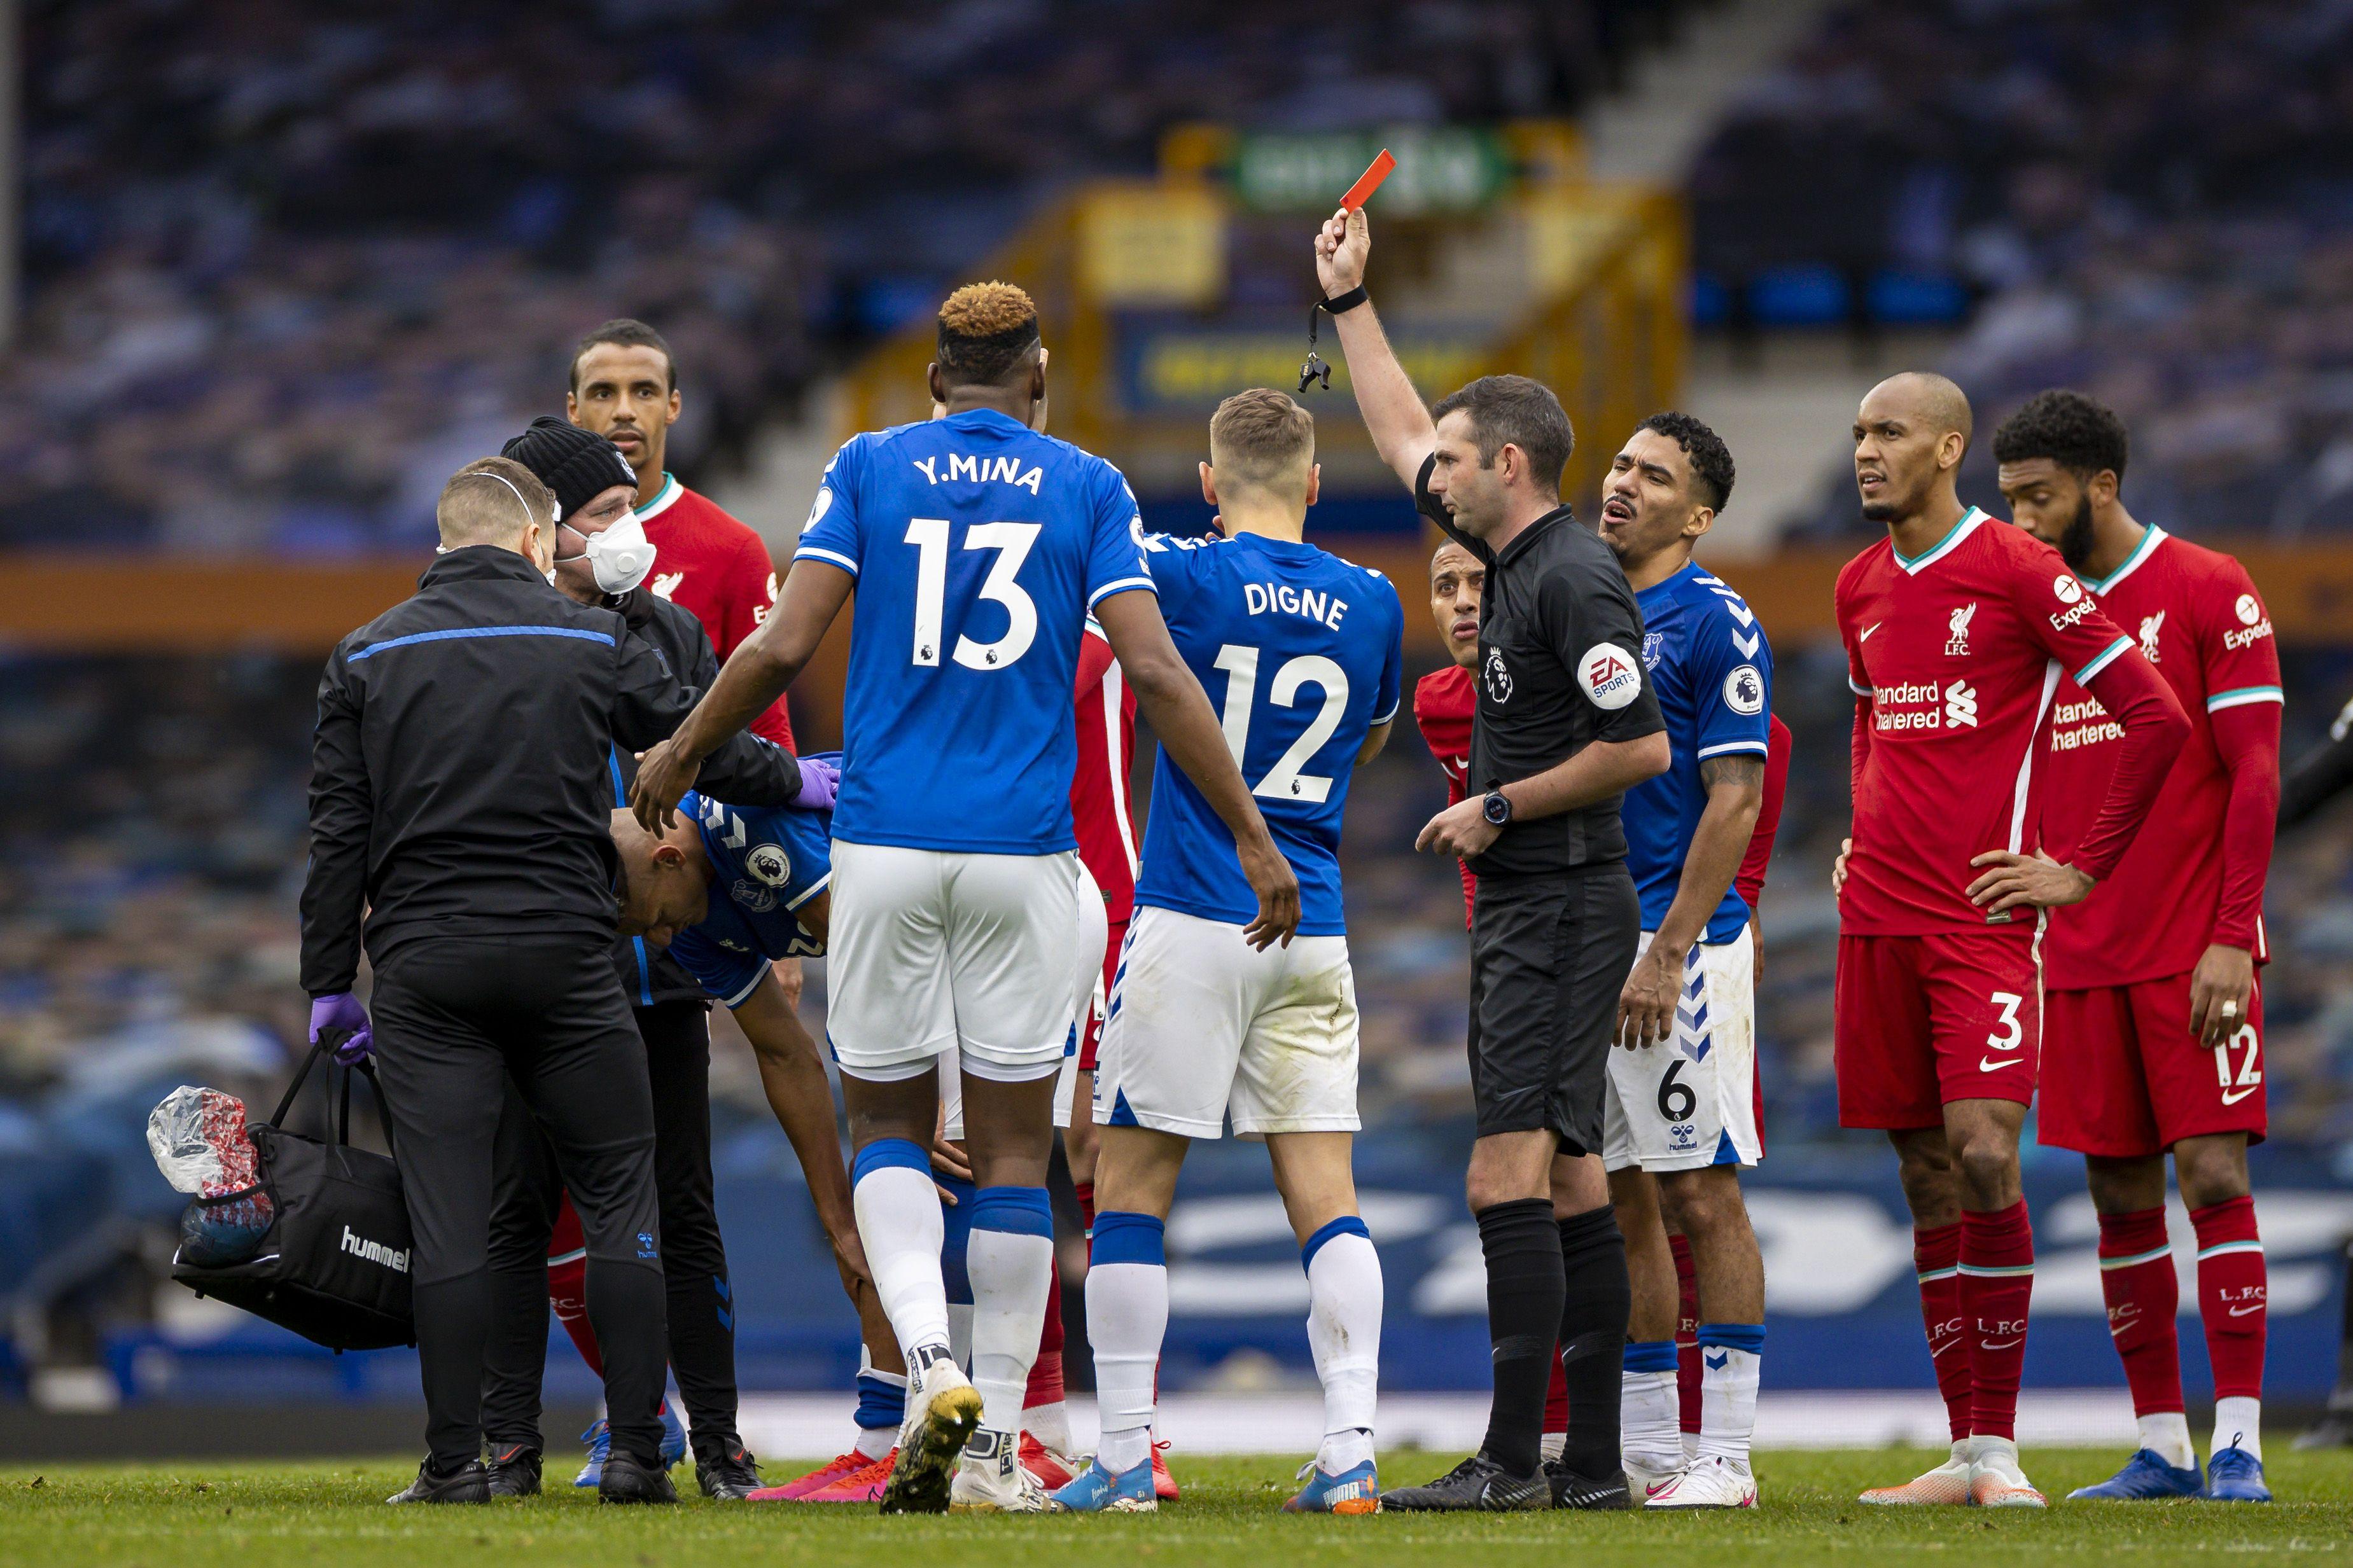 Футбол, АПЛ, Ливерпуль — Эвертон, прямая текстовая онлайн трансляция